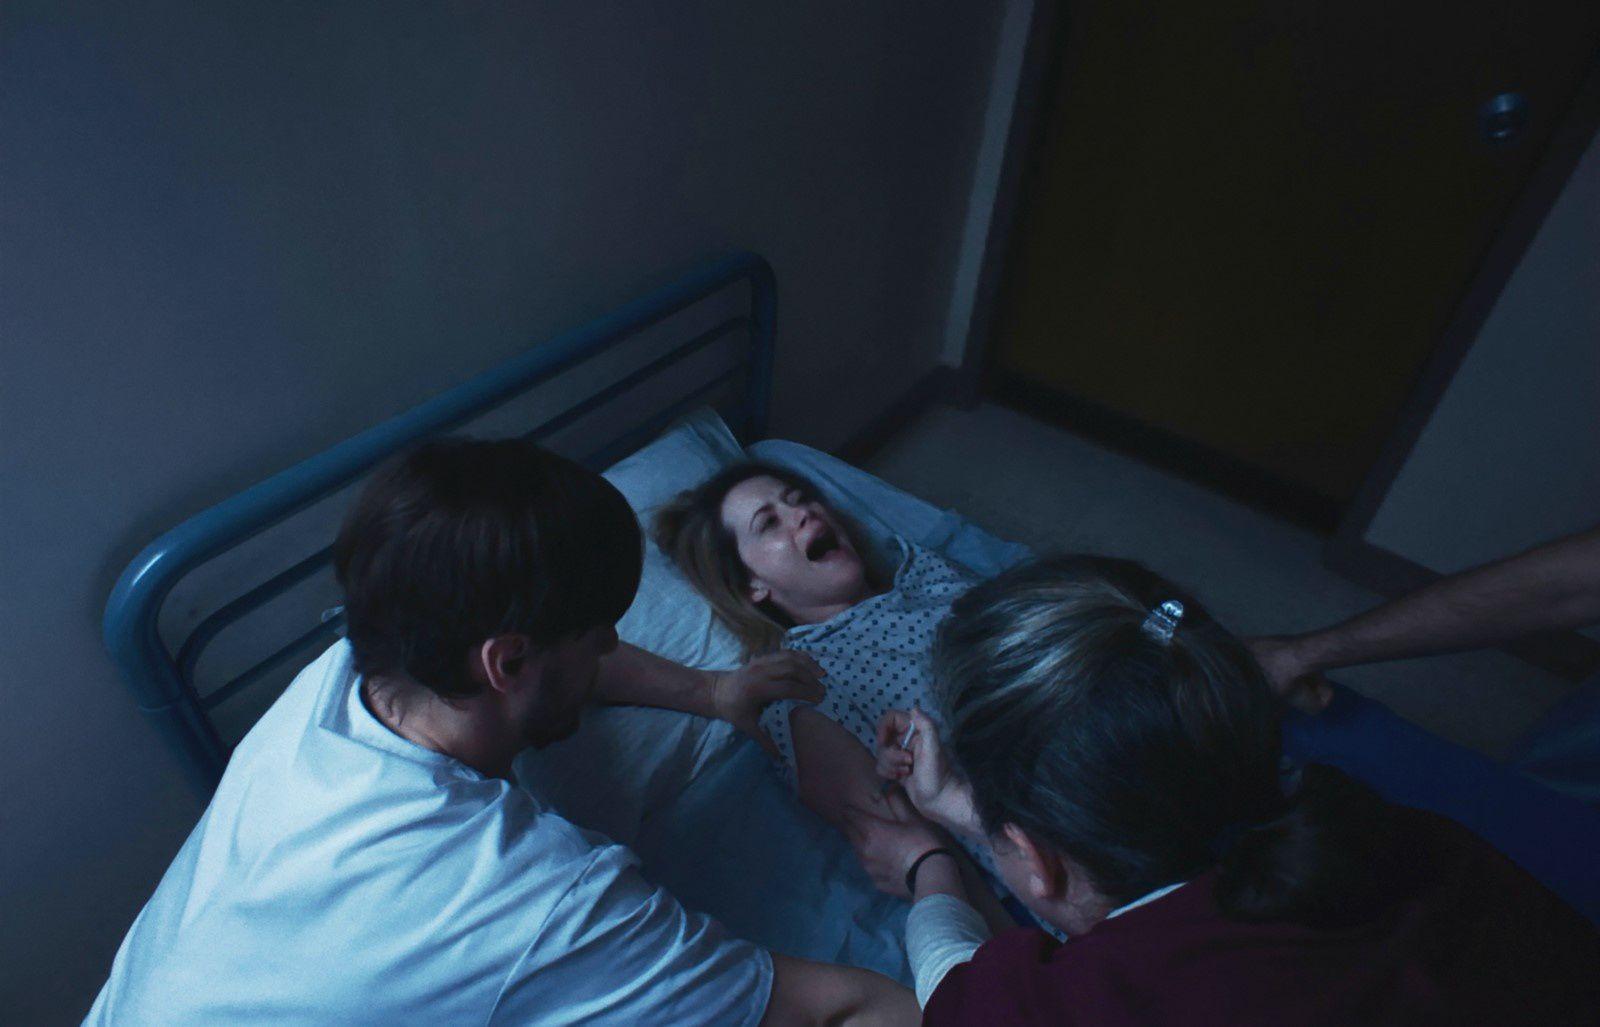 Paranoïa (BANDE-ANNONCE) de Steven Soderbergh avec Claire Foy, Joshua Leonard, Amy Irving - Le 11 juillet 2018 au cinéma